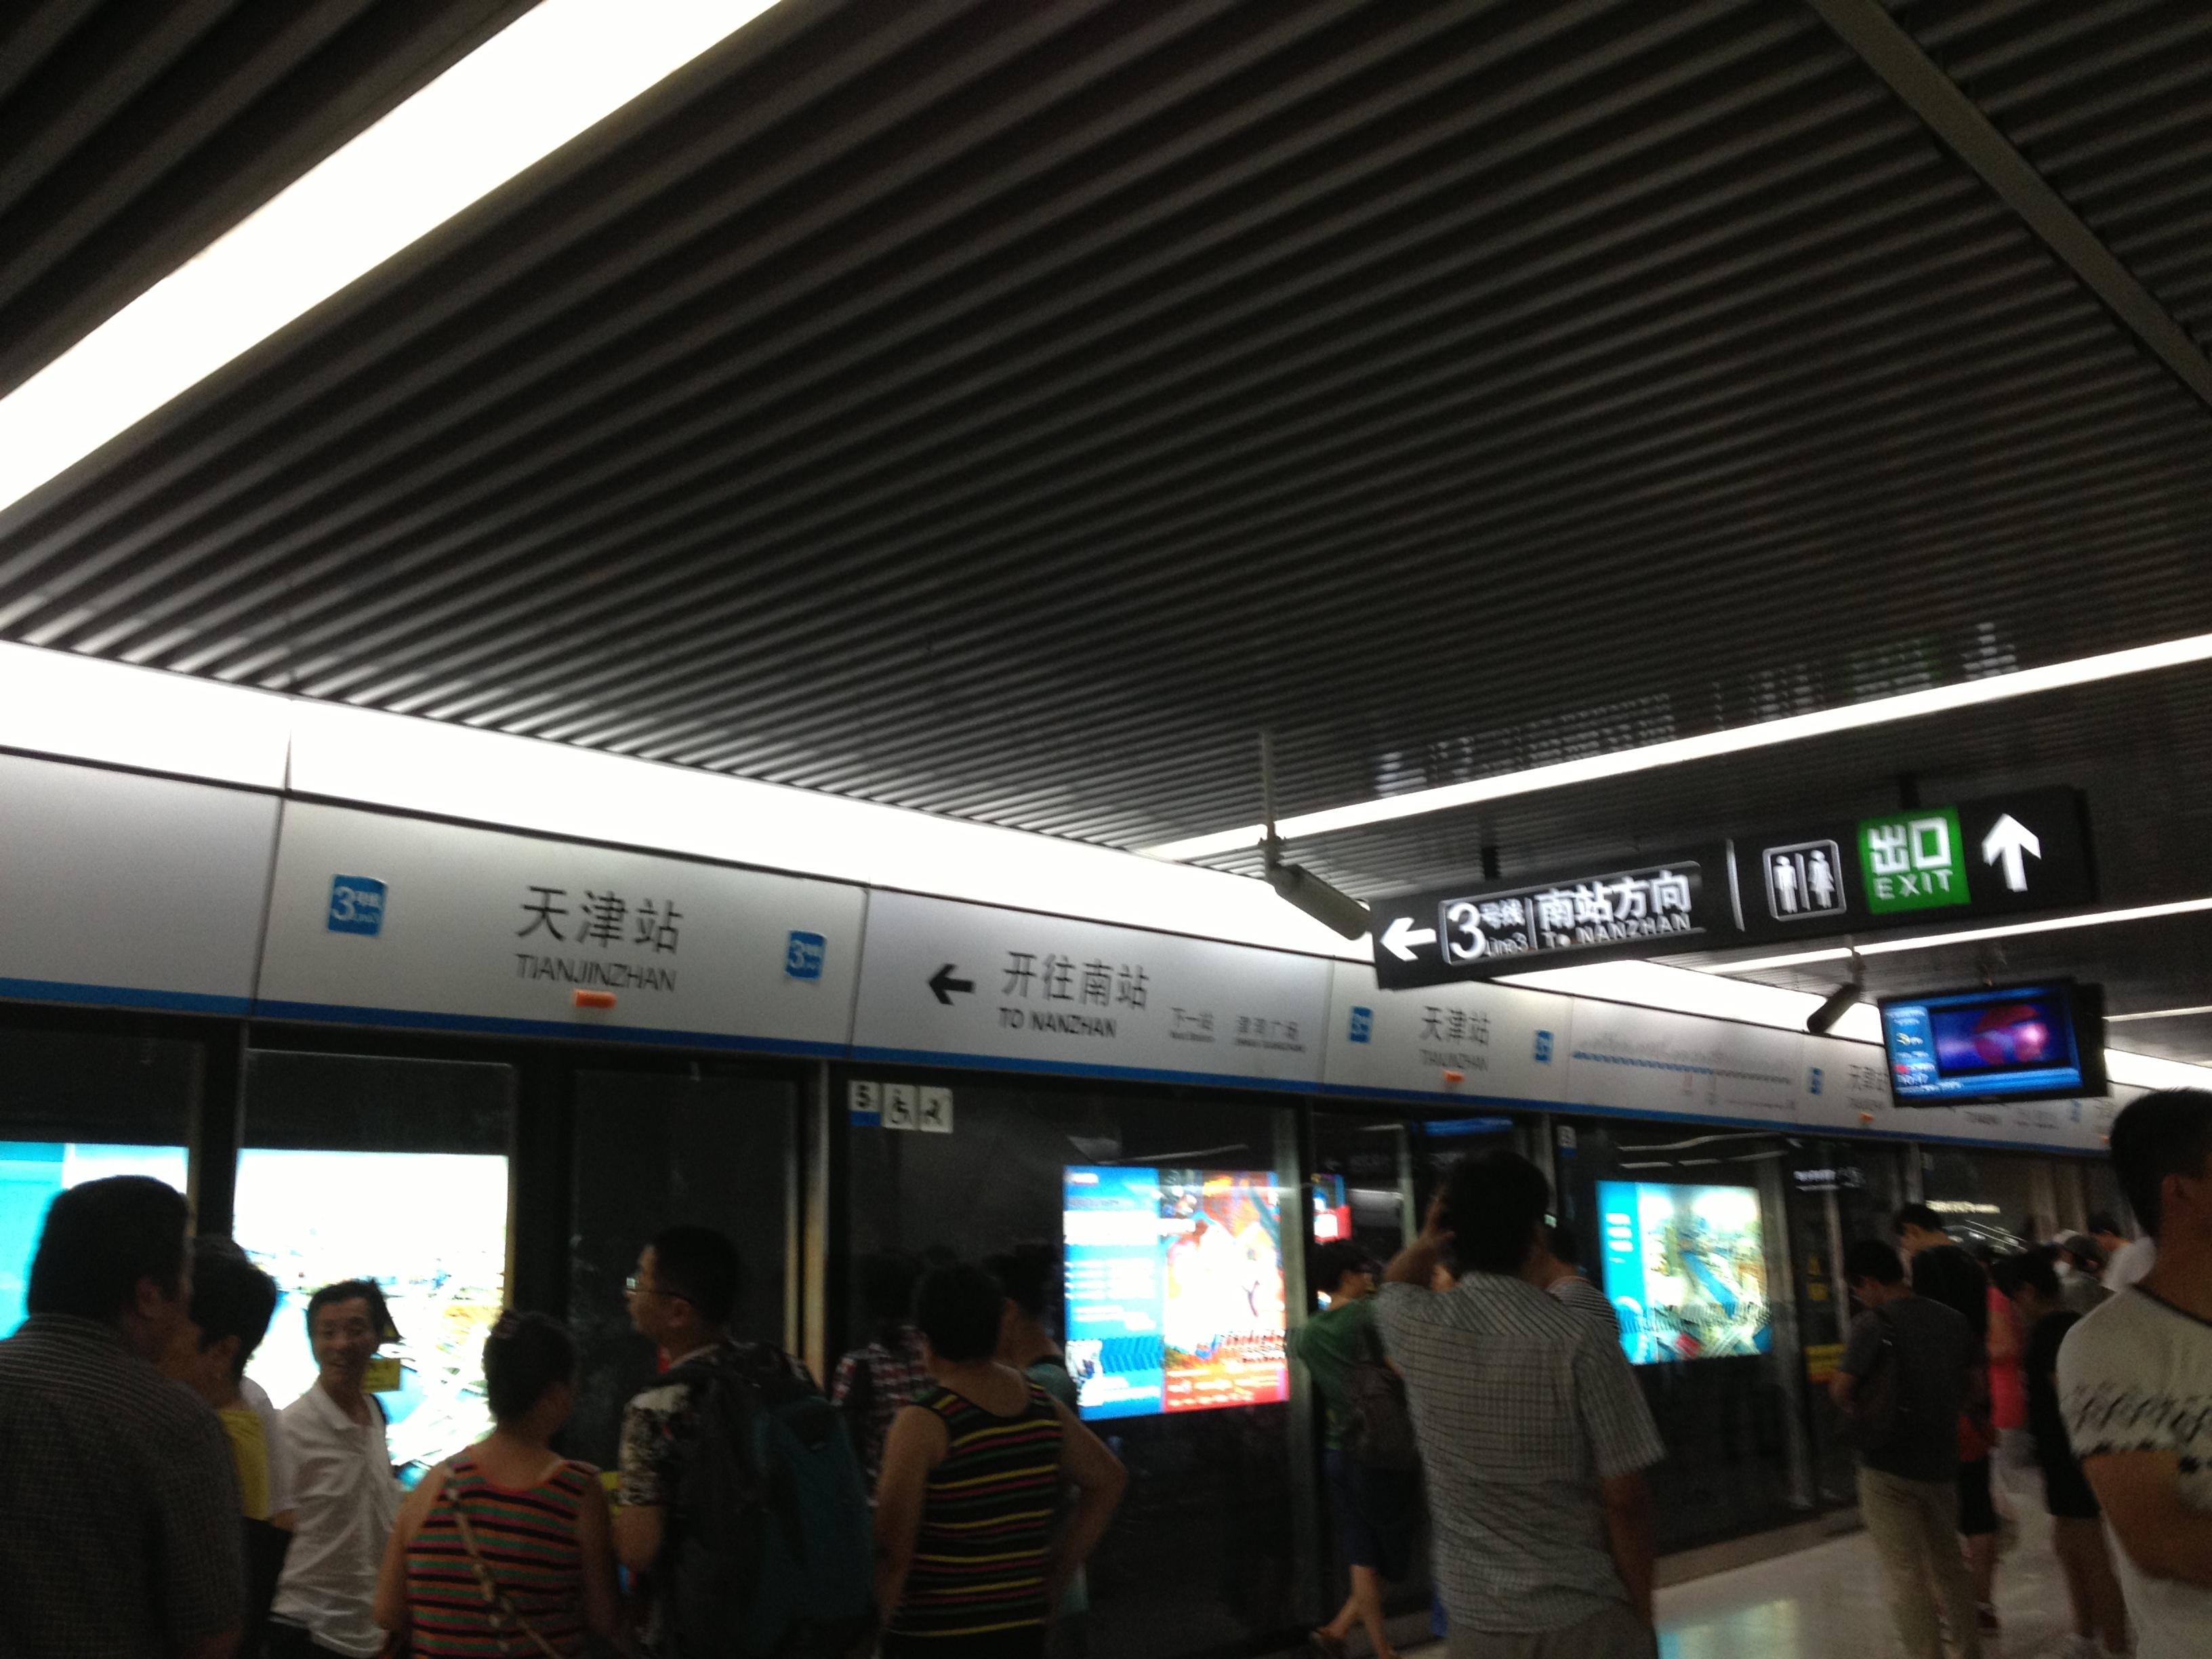 天津火车站下面的地铁站还是有点不好找